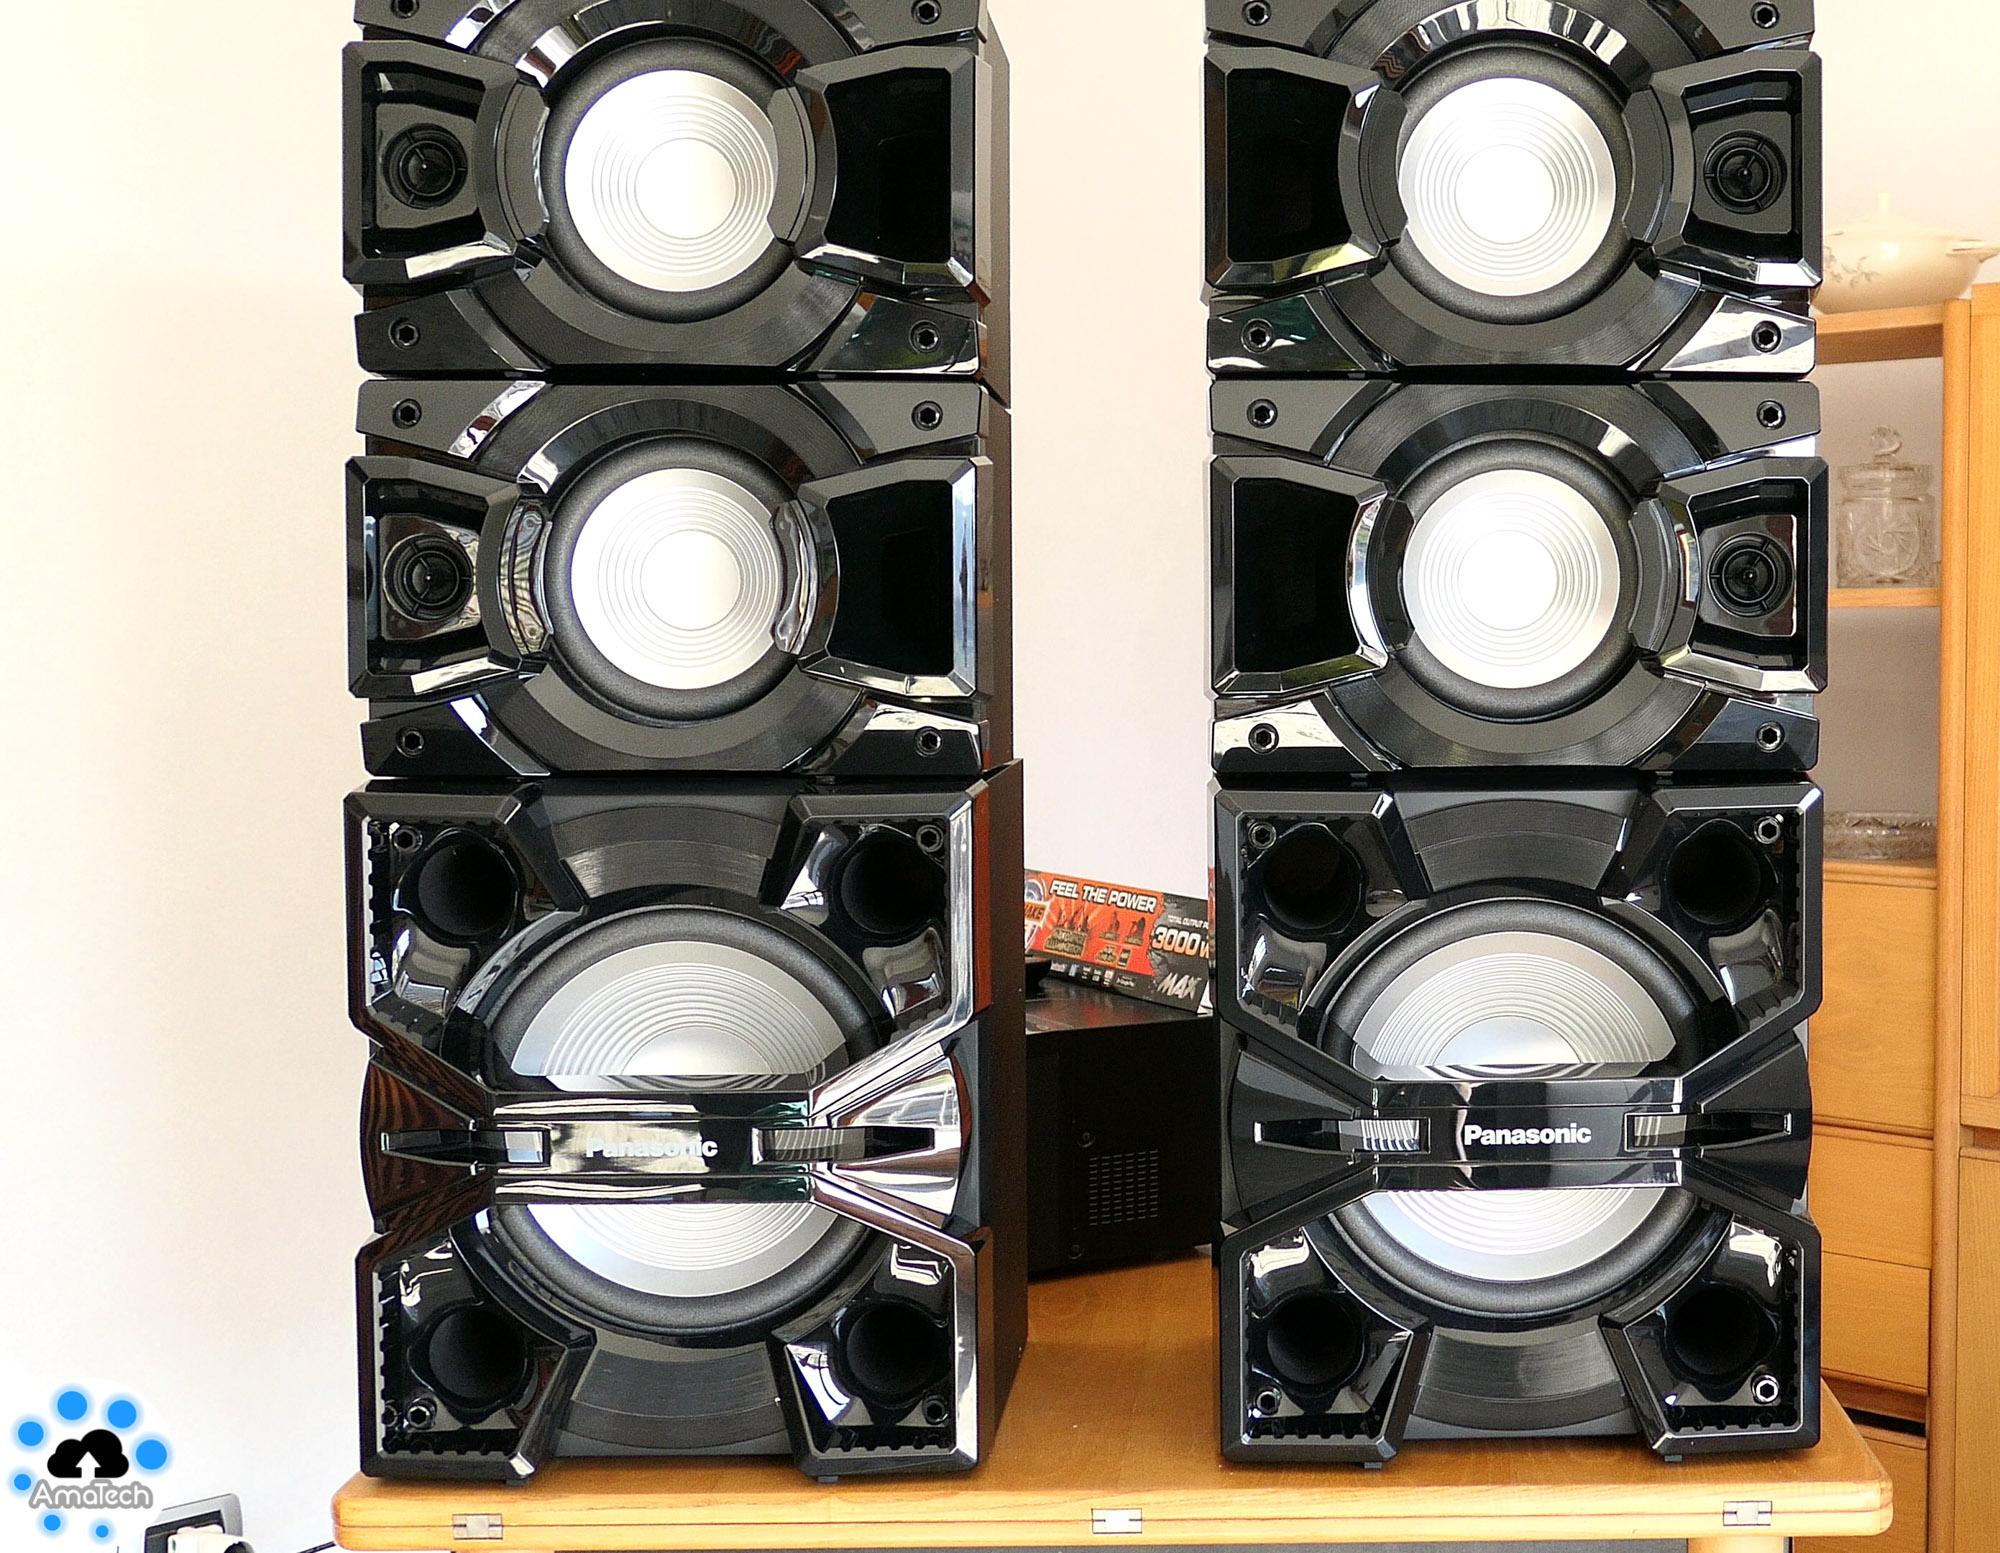 Recensione panasonic sc max7000 impianto hi fi per casa - Impianto stereo casa prezzi ...